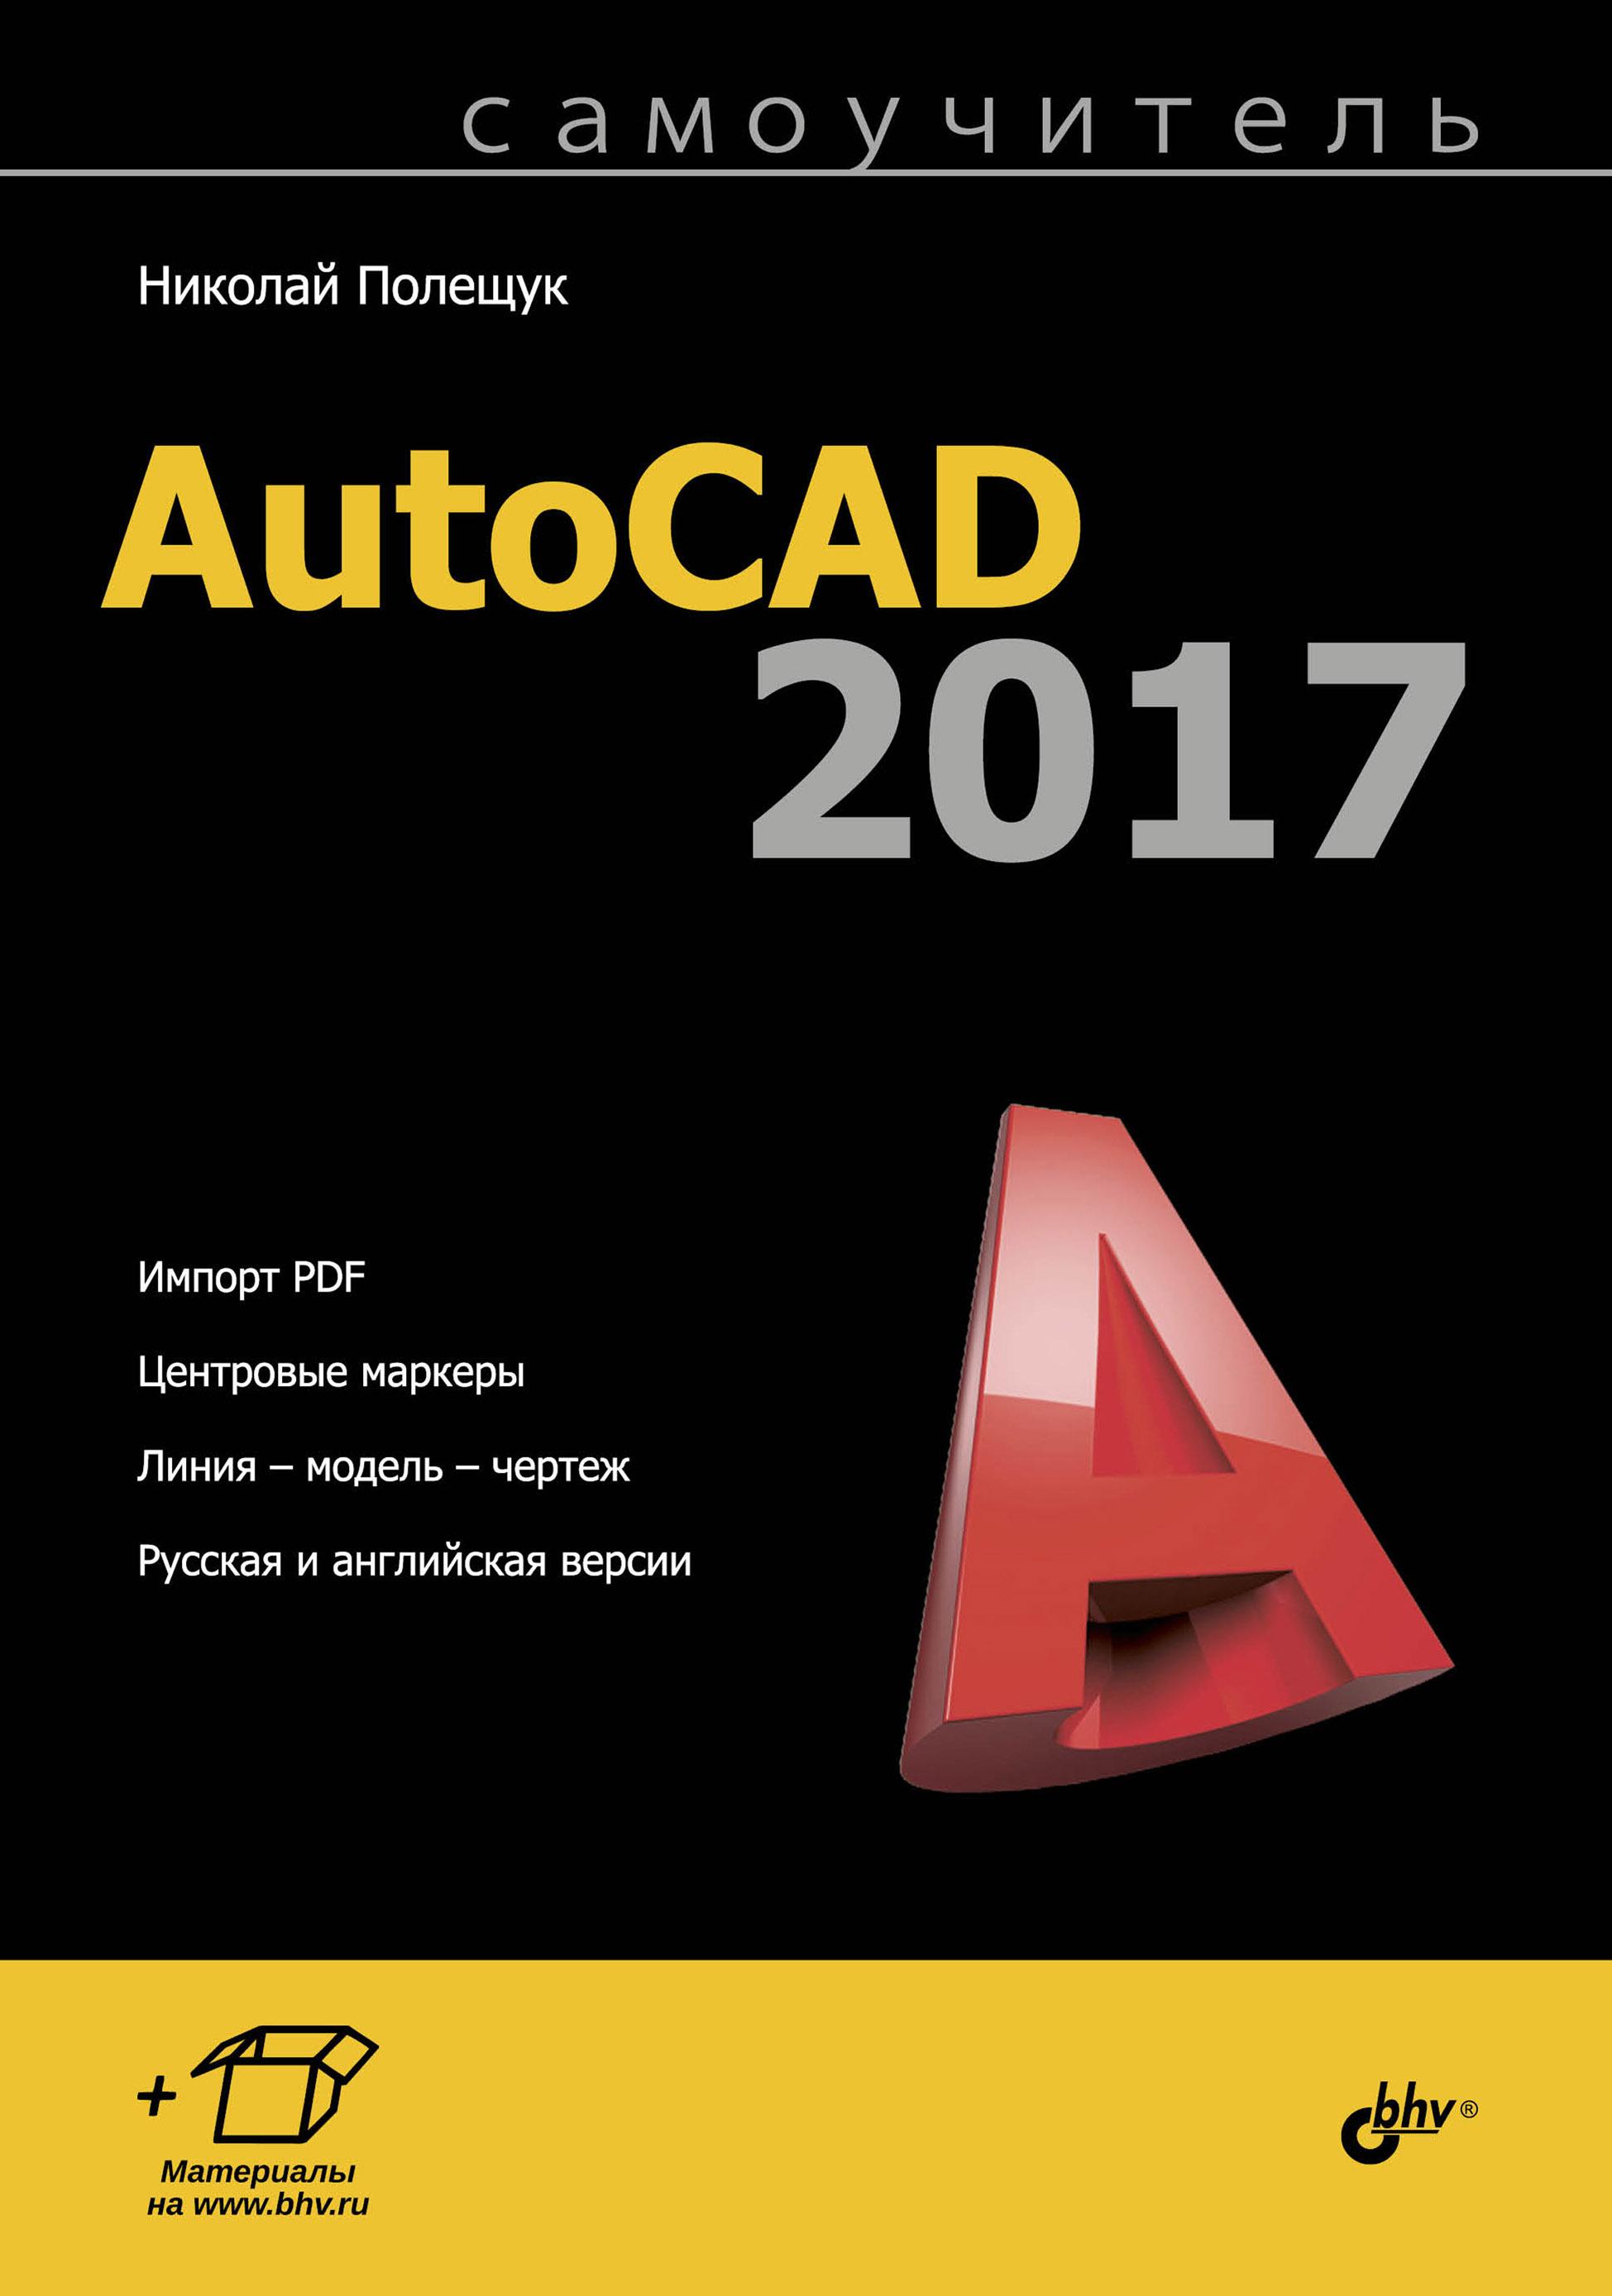 Николай Полещук Самоучитель AutoCAD 2017 николай полещук вильга савельева самоучитель autocad 2004